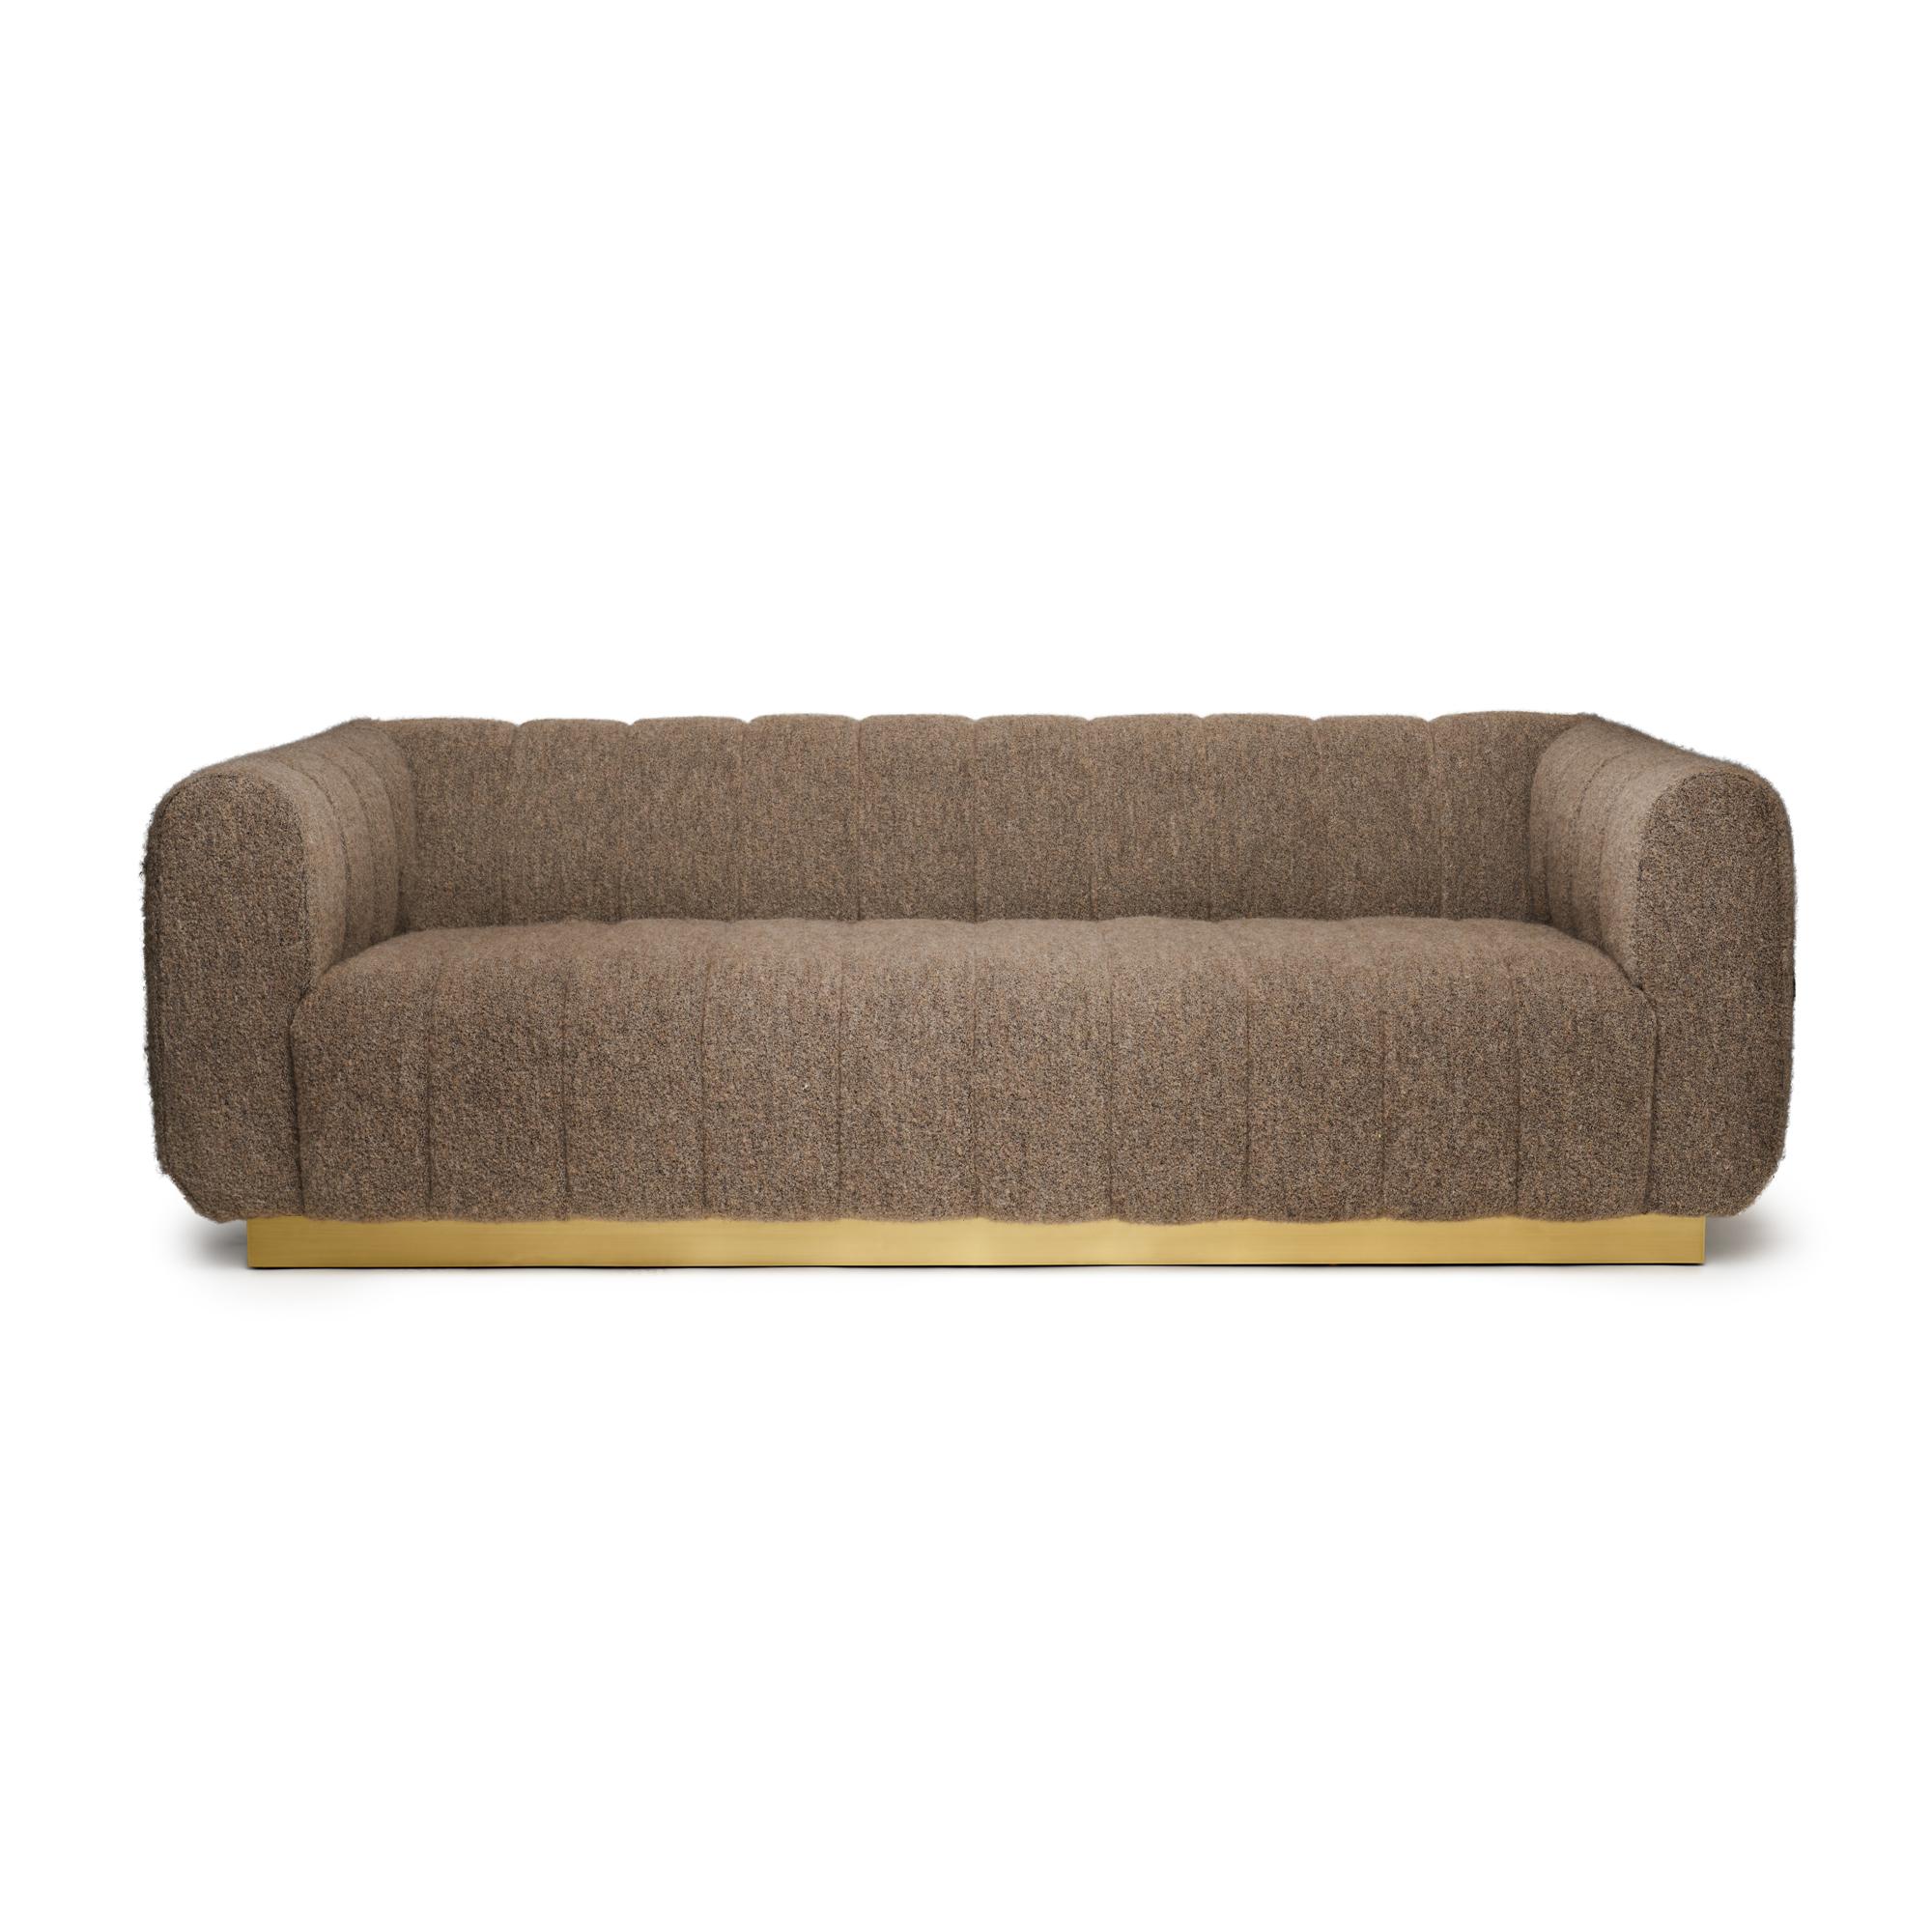 Leith Sofa by Jean De Merry